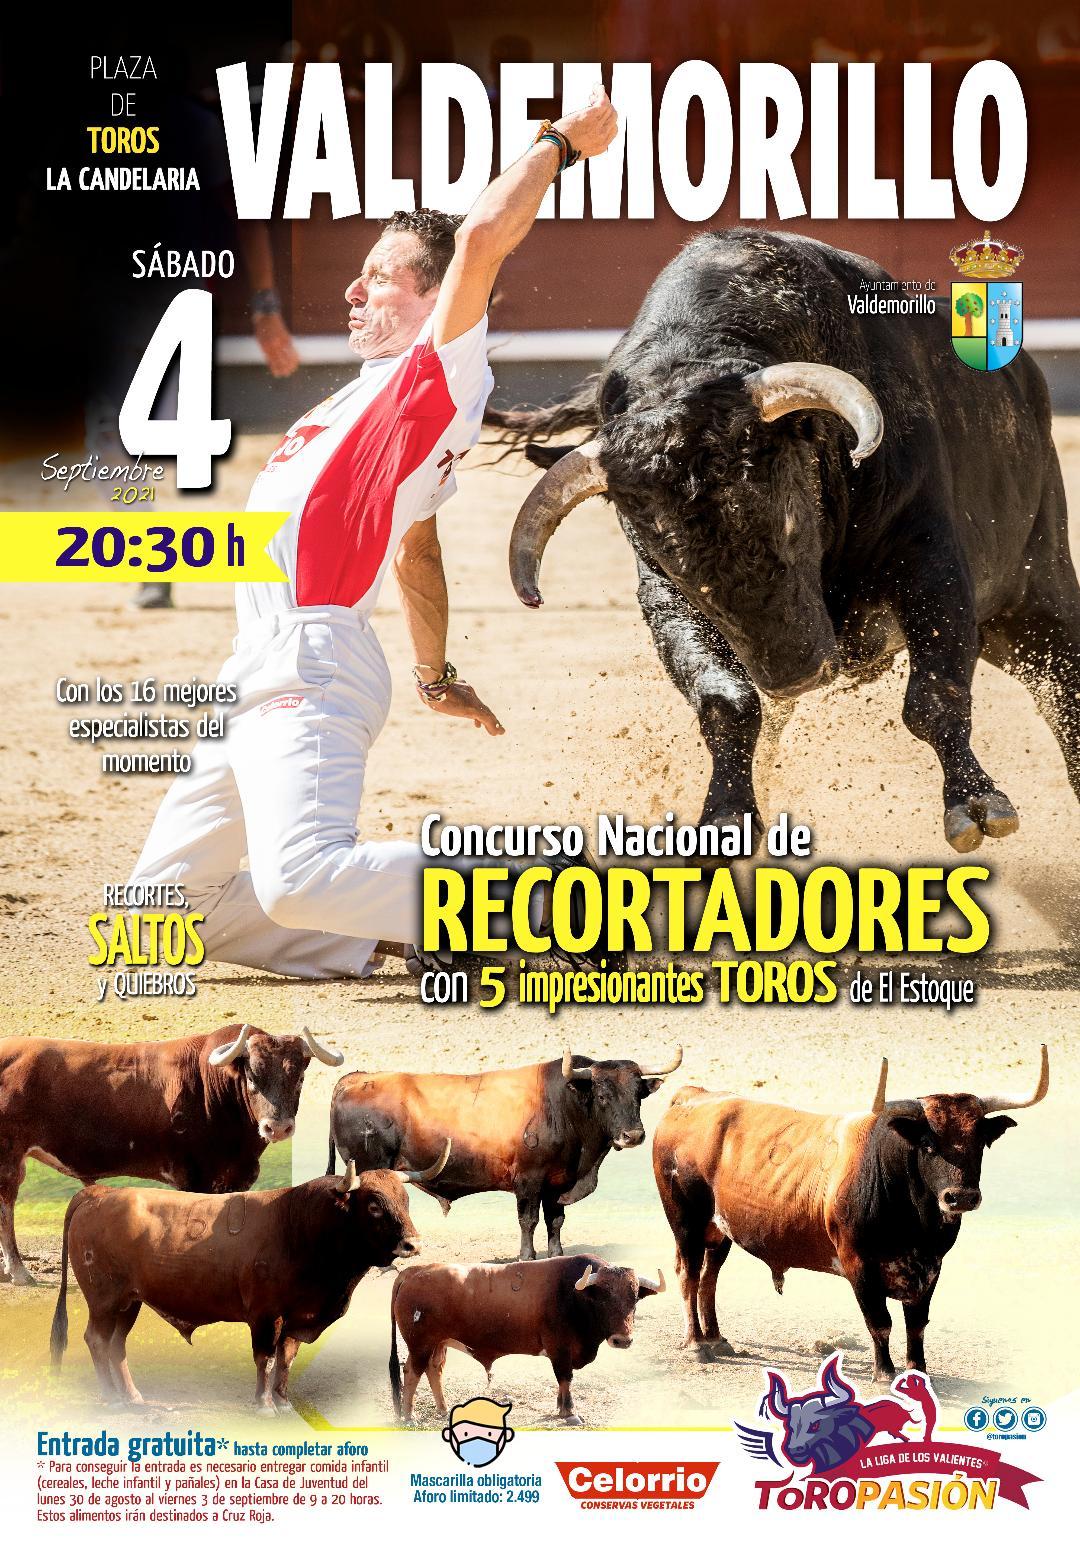 Los mejores especialistas saldrán al ruedo de La Candelaria este 4 de septiembre para disputarse el triunfo en un Concurso Nacional de Recortadores que combina espectáculo y solidaridad